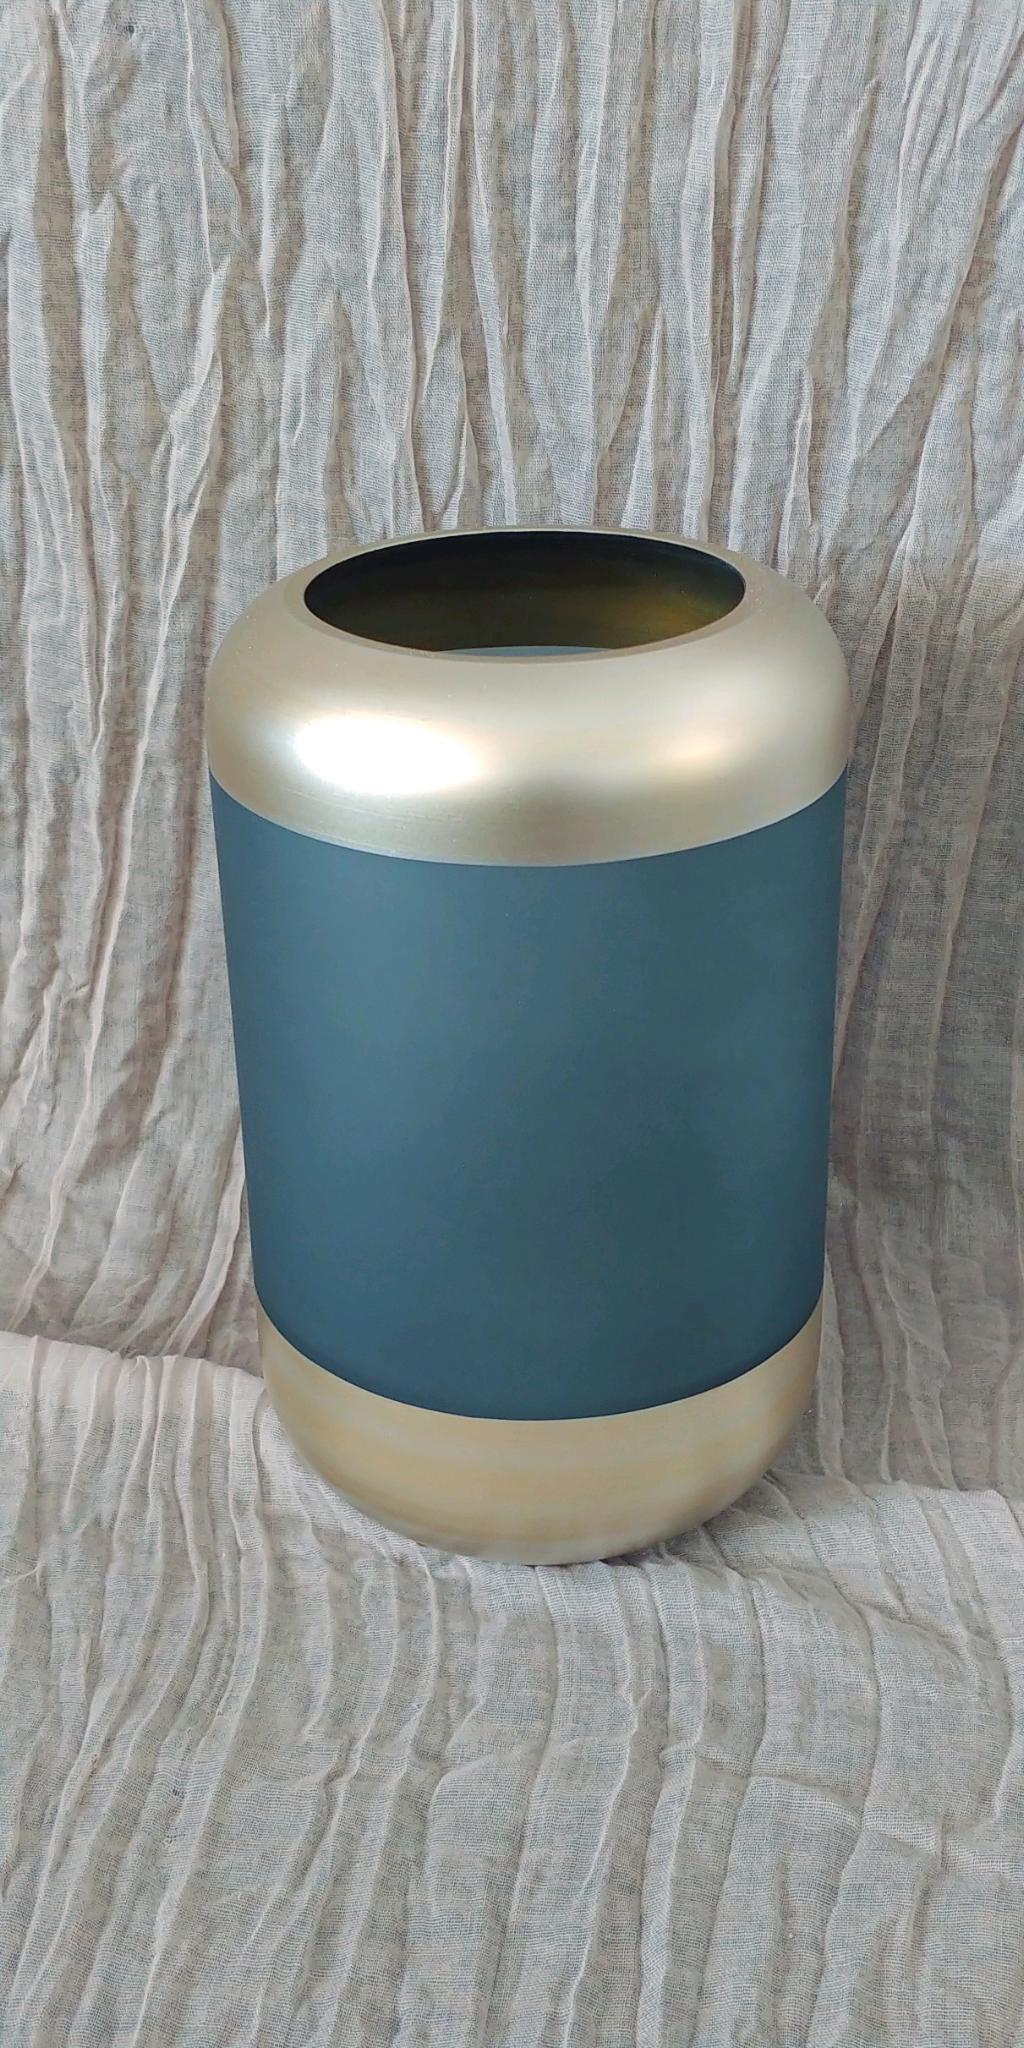 Teal & Gold Vase